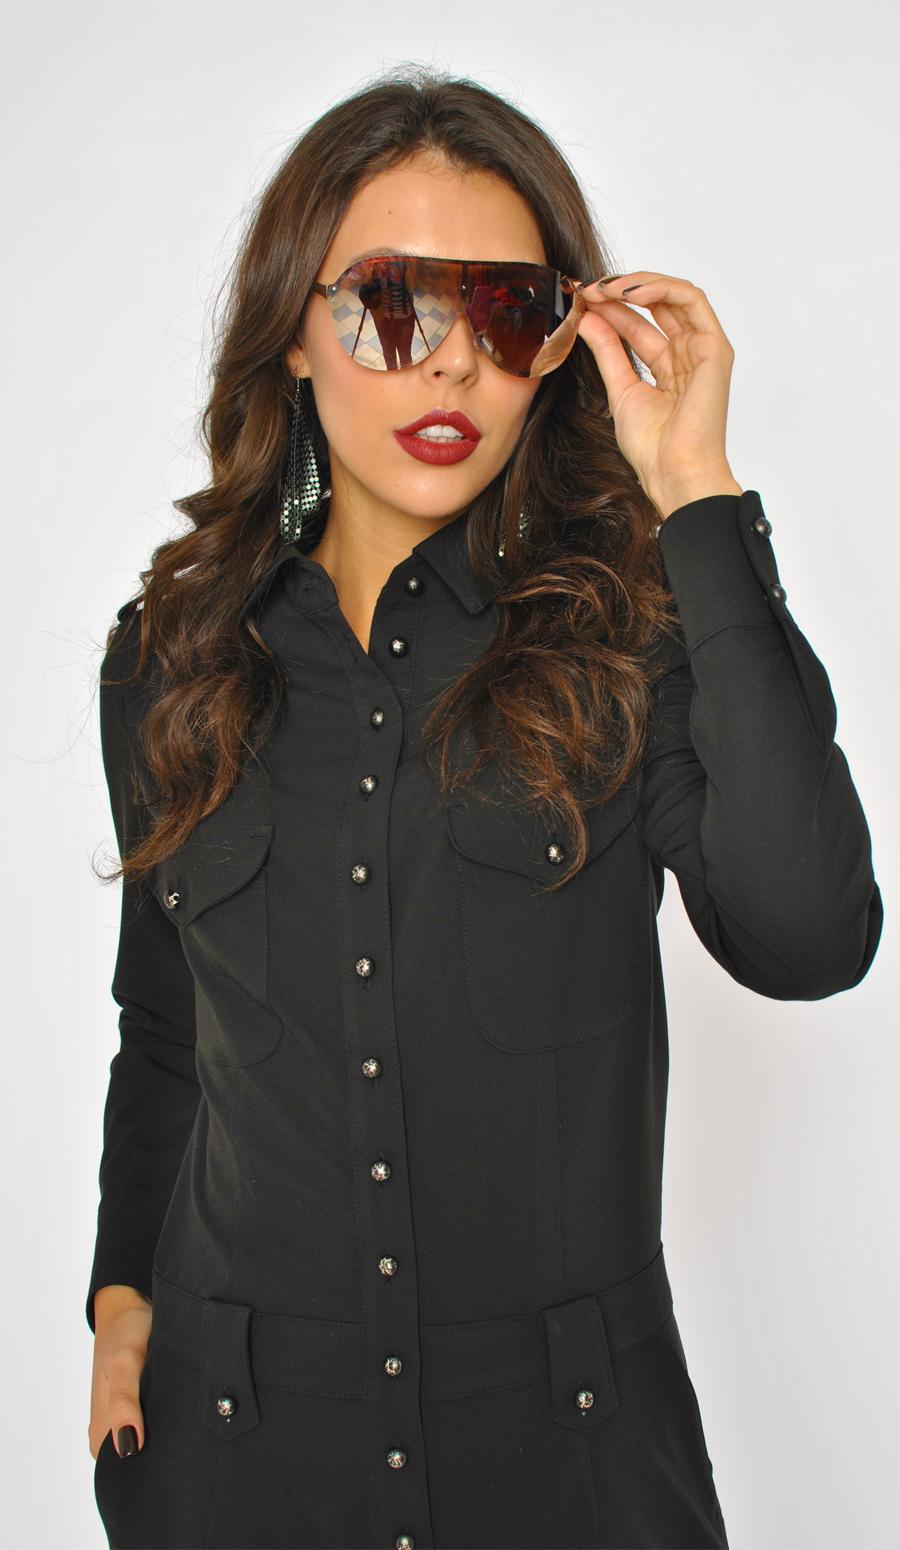 TAU KITA Дизайнерская женская одежда оптом интернет-магазин в Москве fdb99cb3799